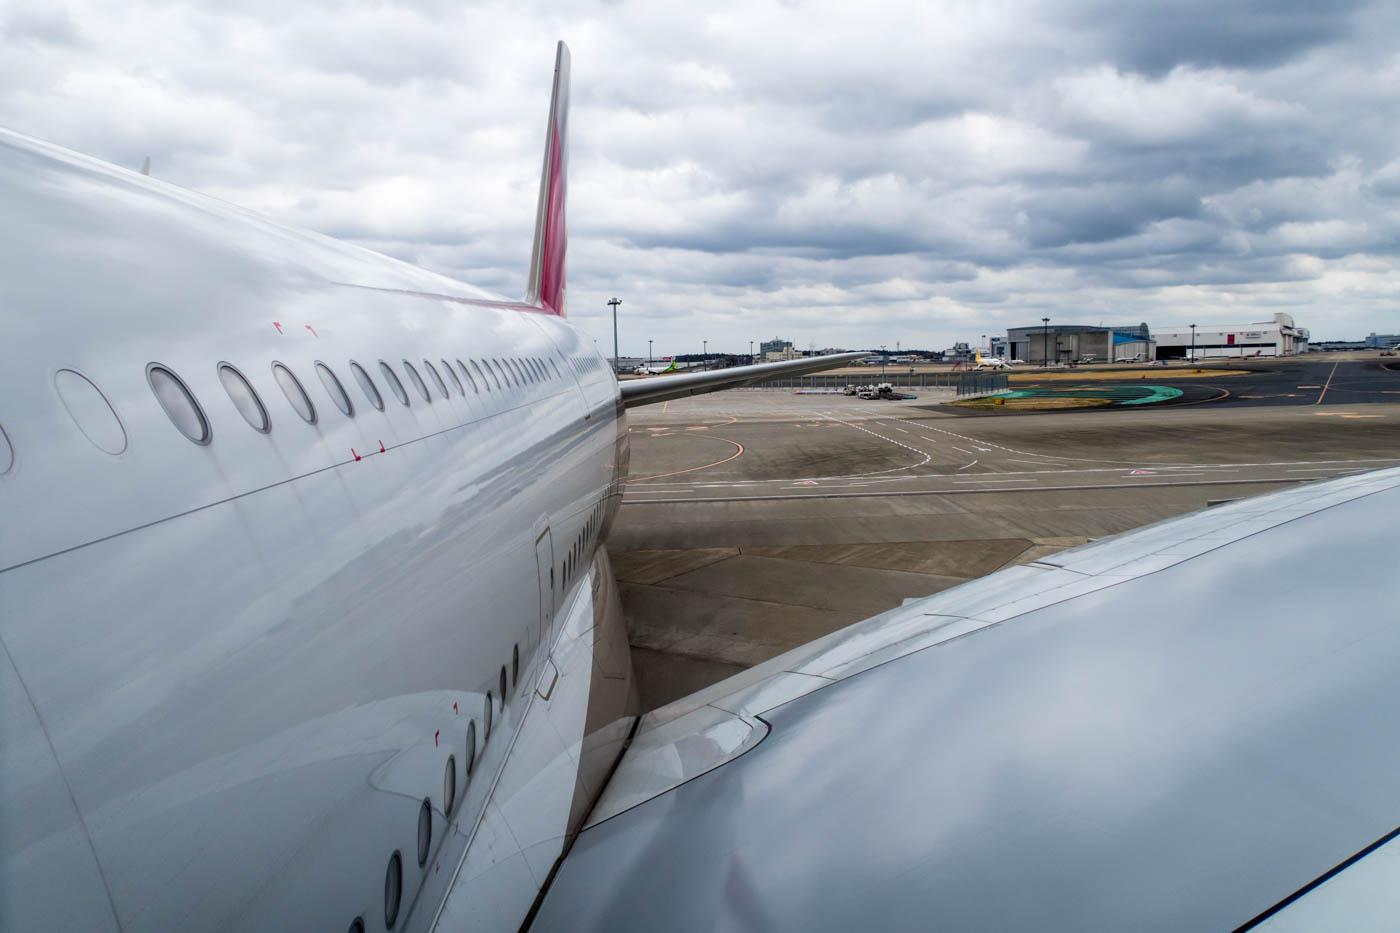 Asiana Airlines A380 at Tokyo Narita